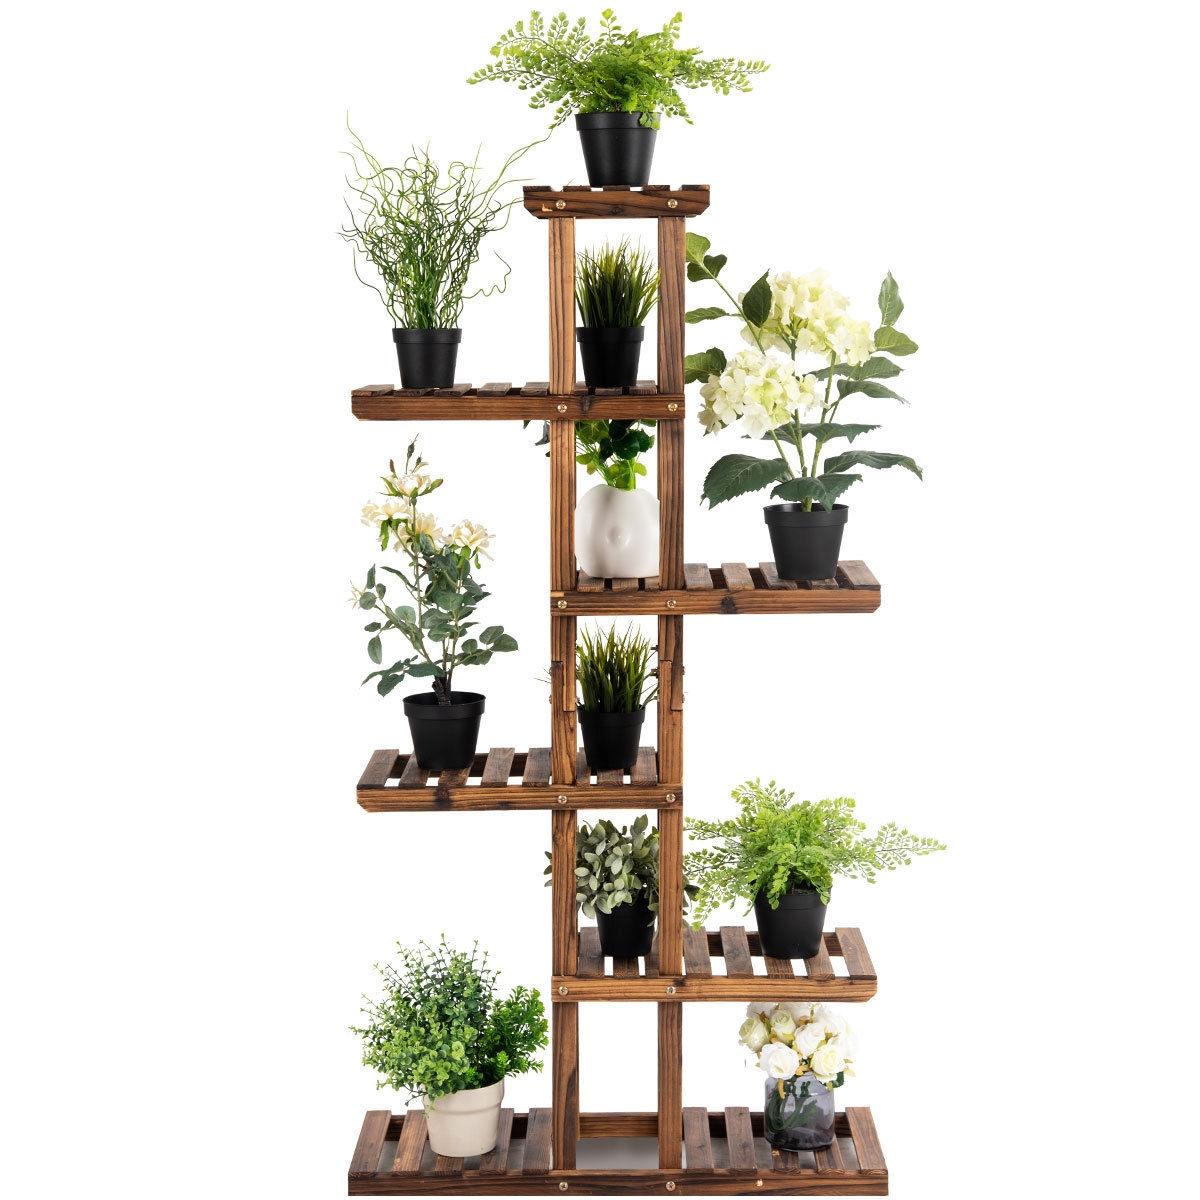 6 Tier Garden Wooden Shelf Storage Plant Rack Stand